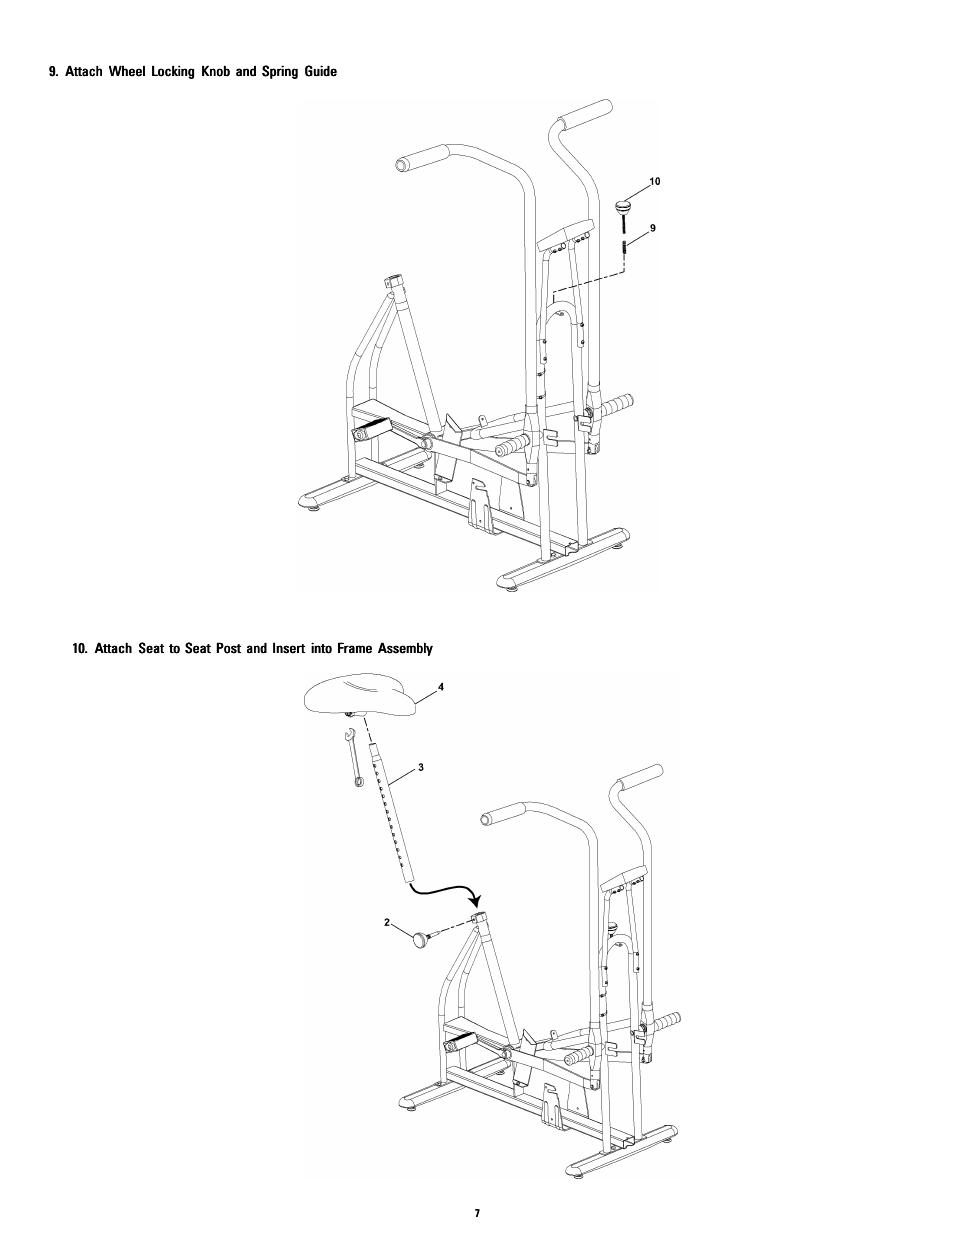 Nikon Wt 4 Manual